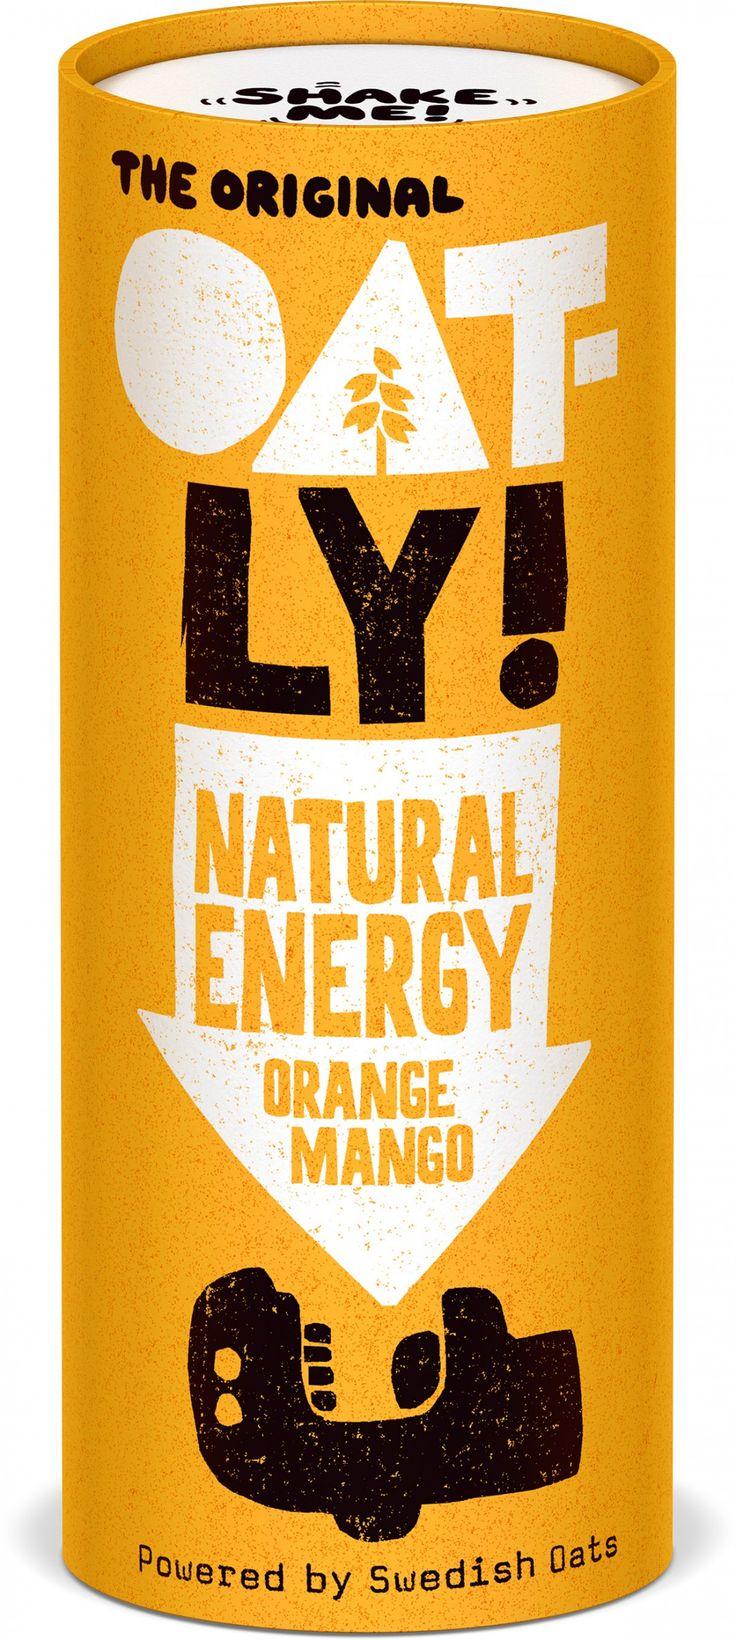 Natural Energy Orange and Mango | Oatly